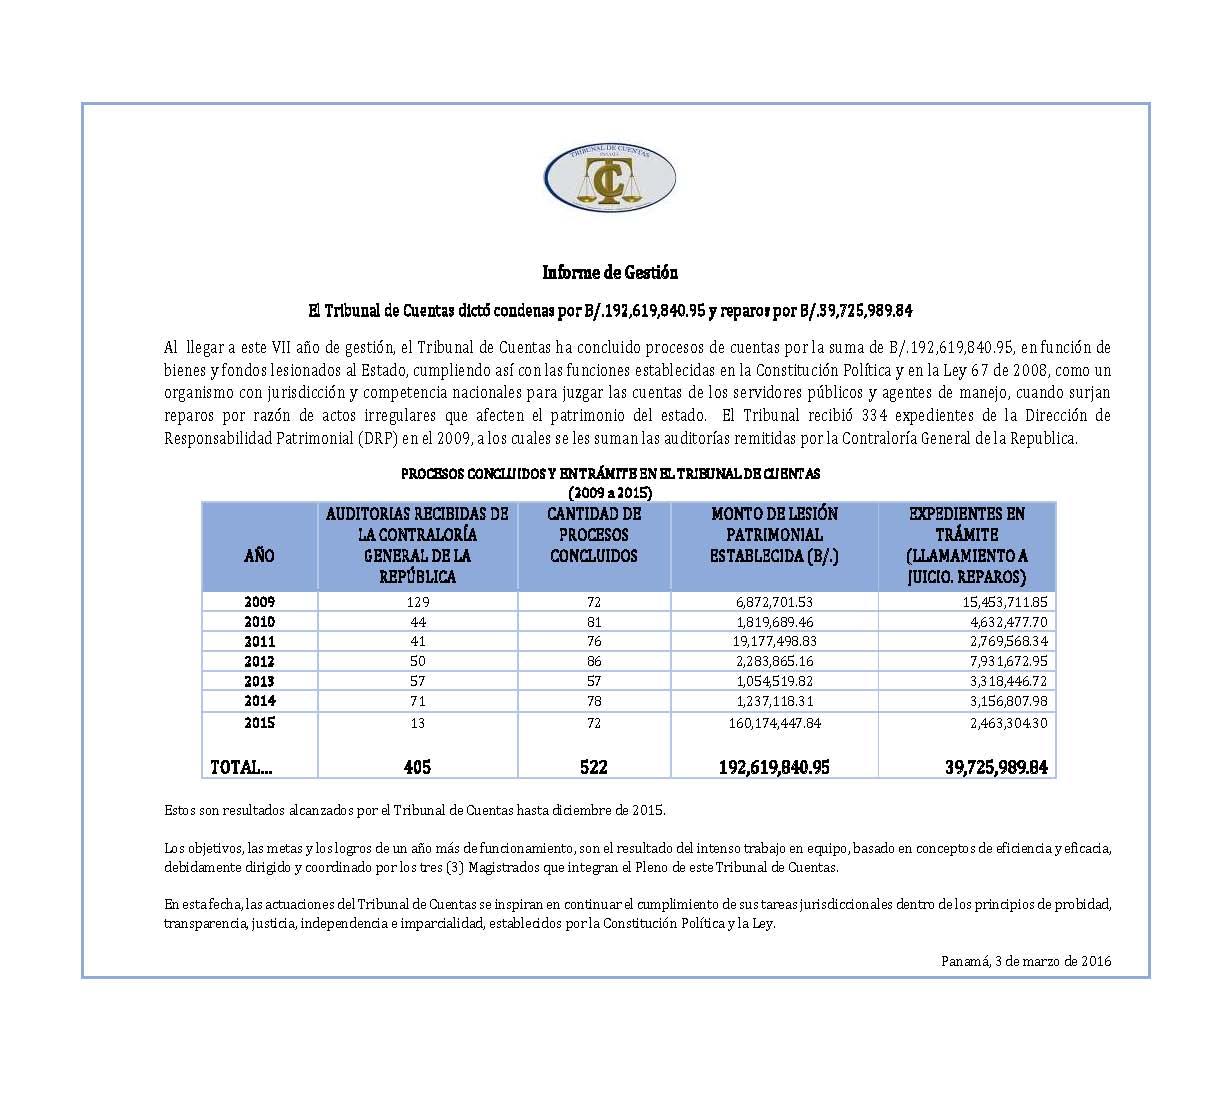 Informe de Gestión Pagina Web 2015-2016